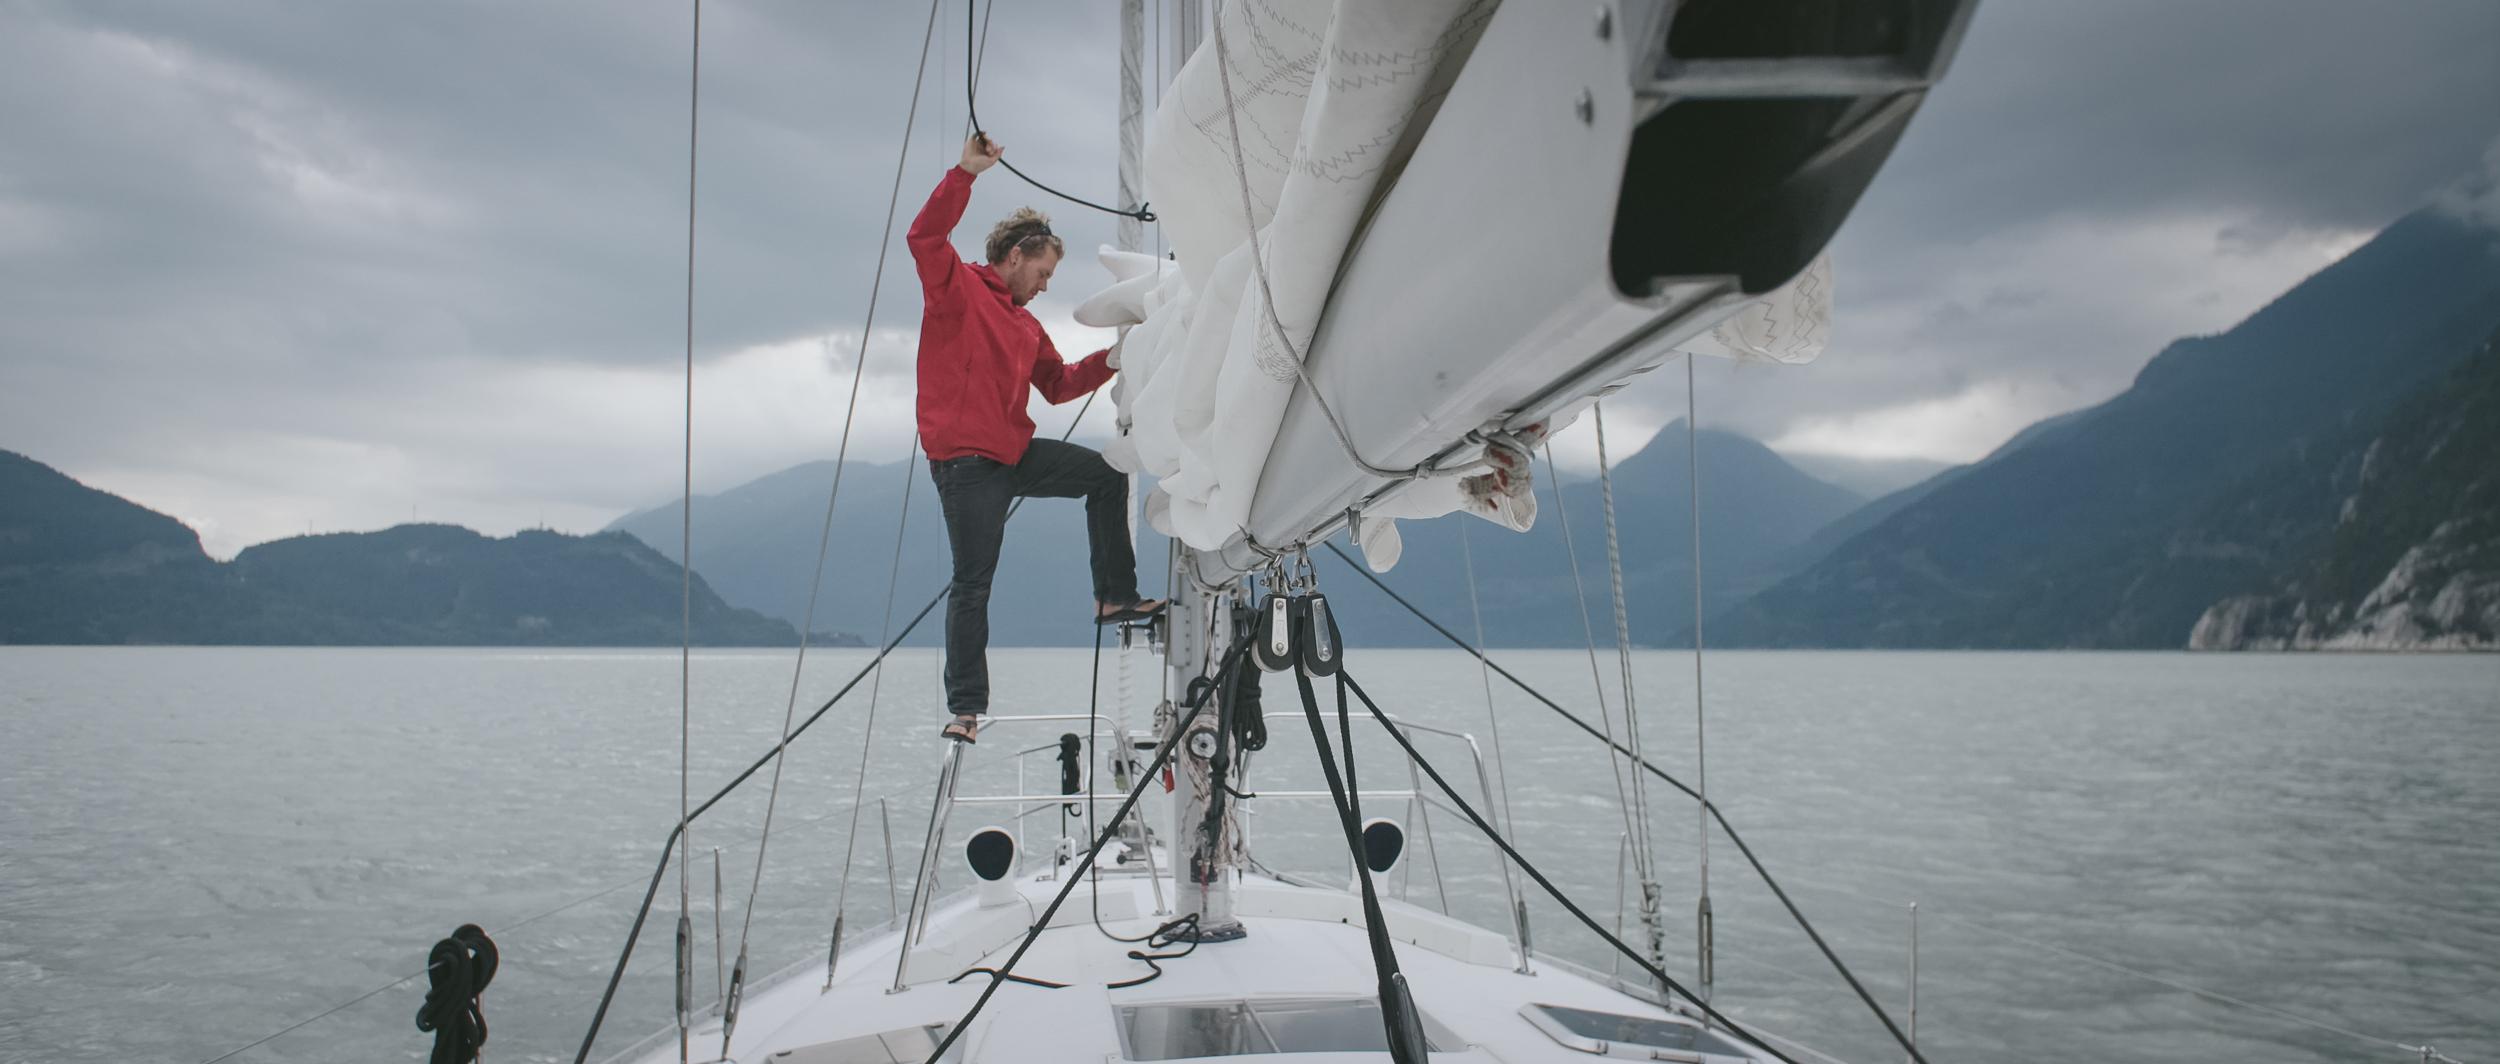 Sailing-6.jpg